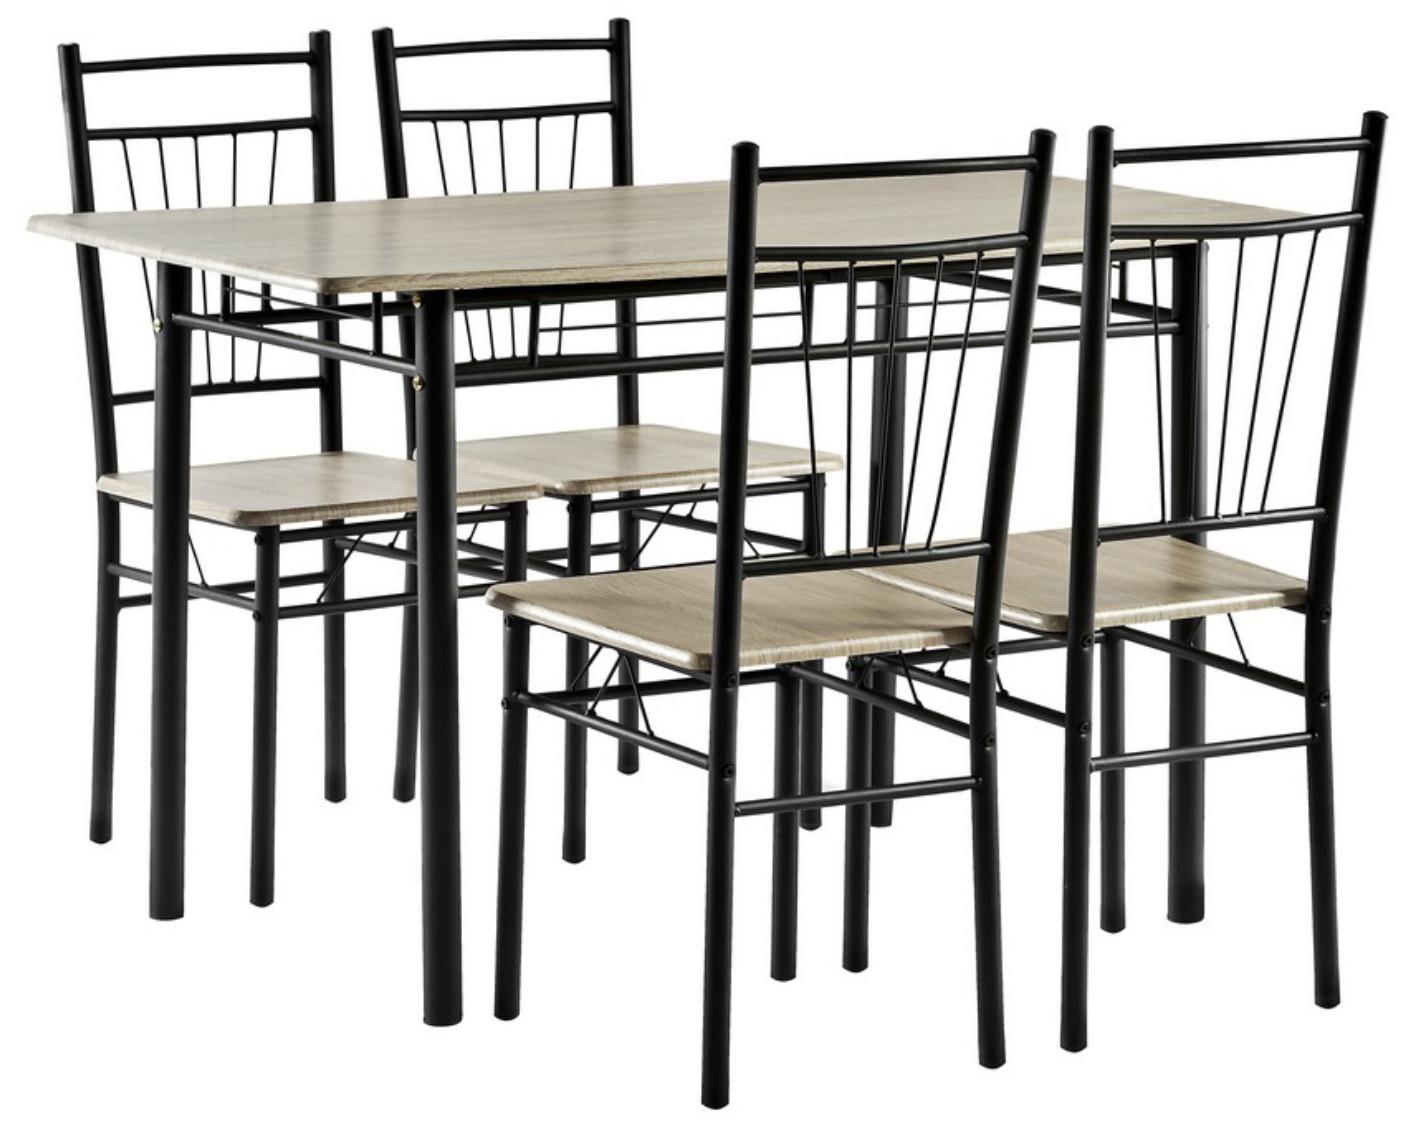 Esstisch + 4 Stühle Sonoma-Eiche Dekor o. Dekor weiß für je 39,94€ inkl. Versandkosten